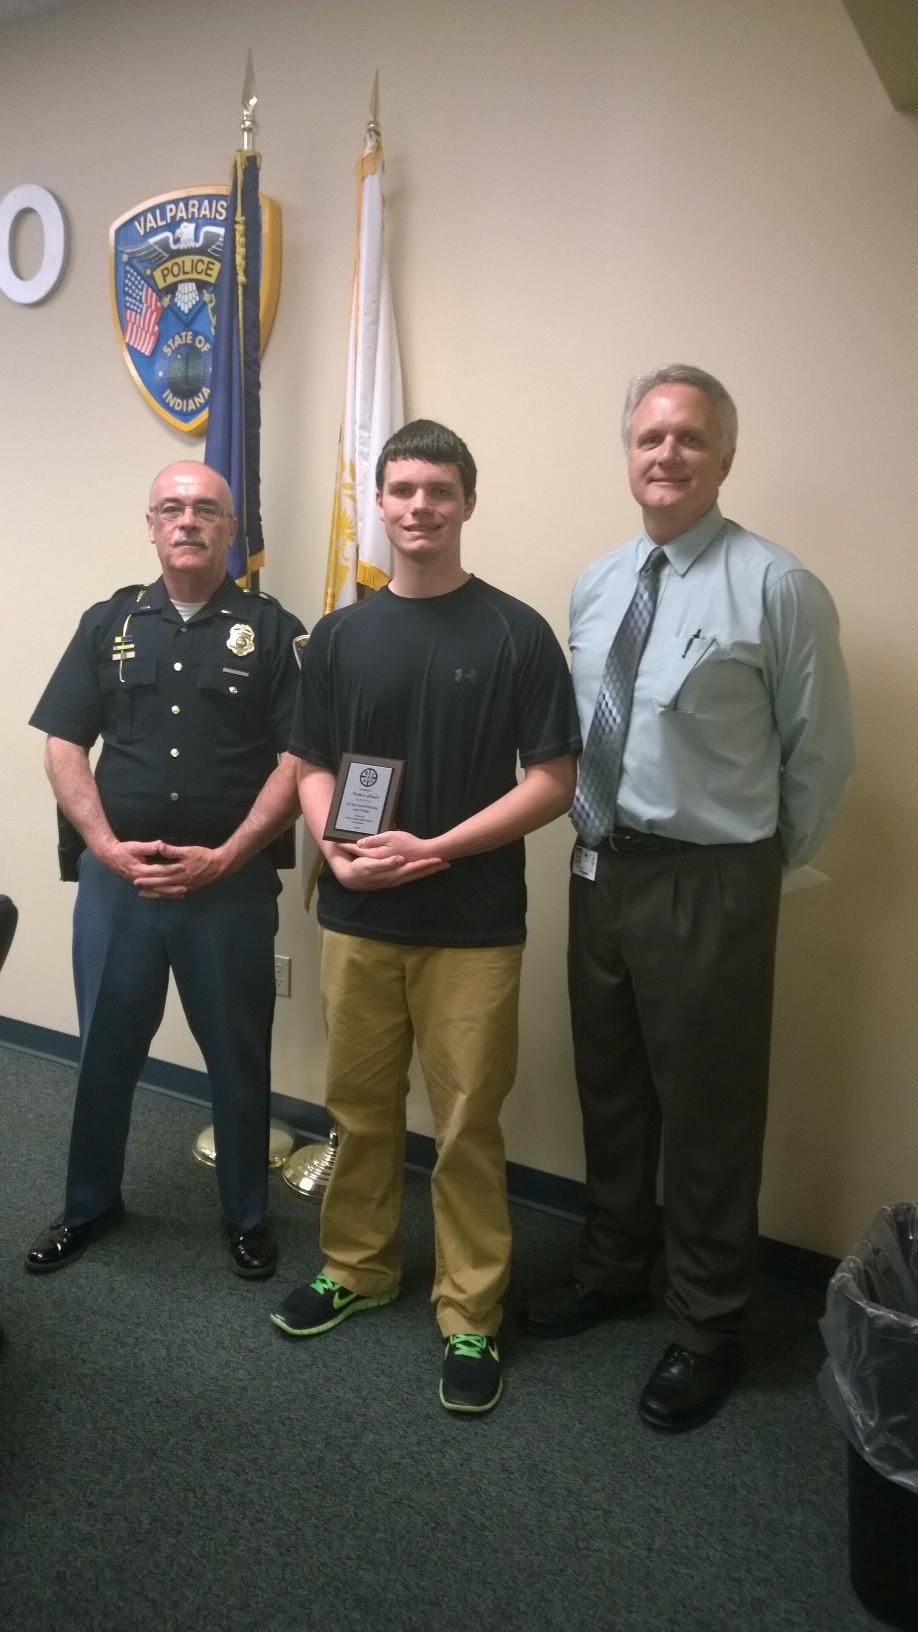 2014-Porter-County-Safe-Schools-Committee-Award-Winner